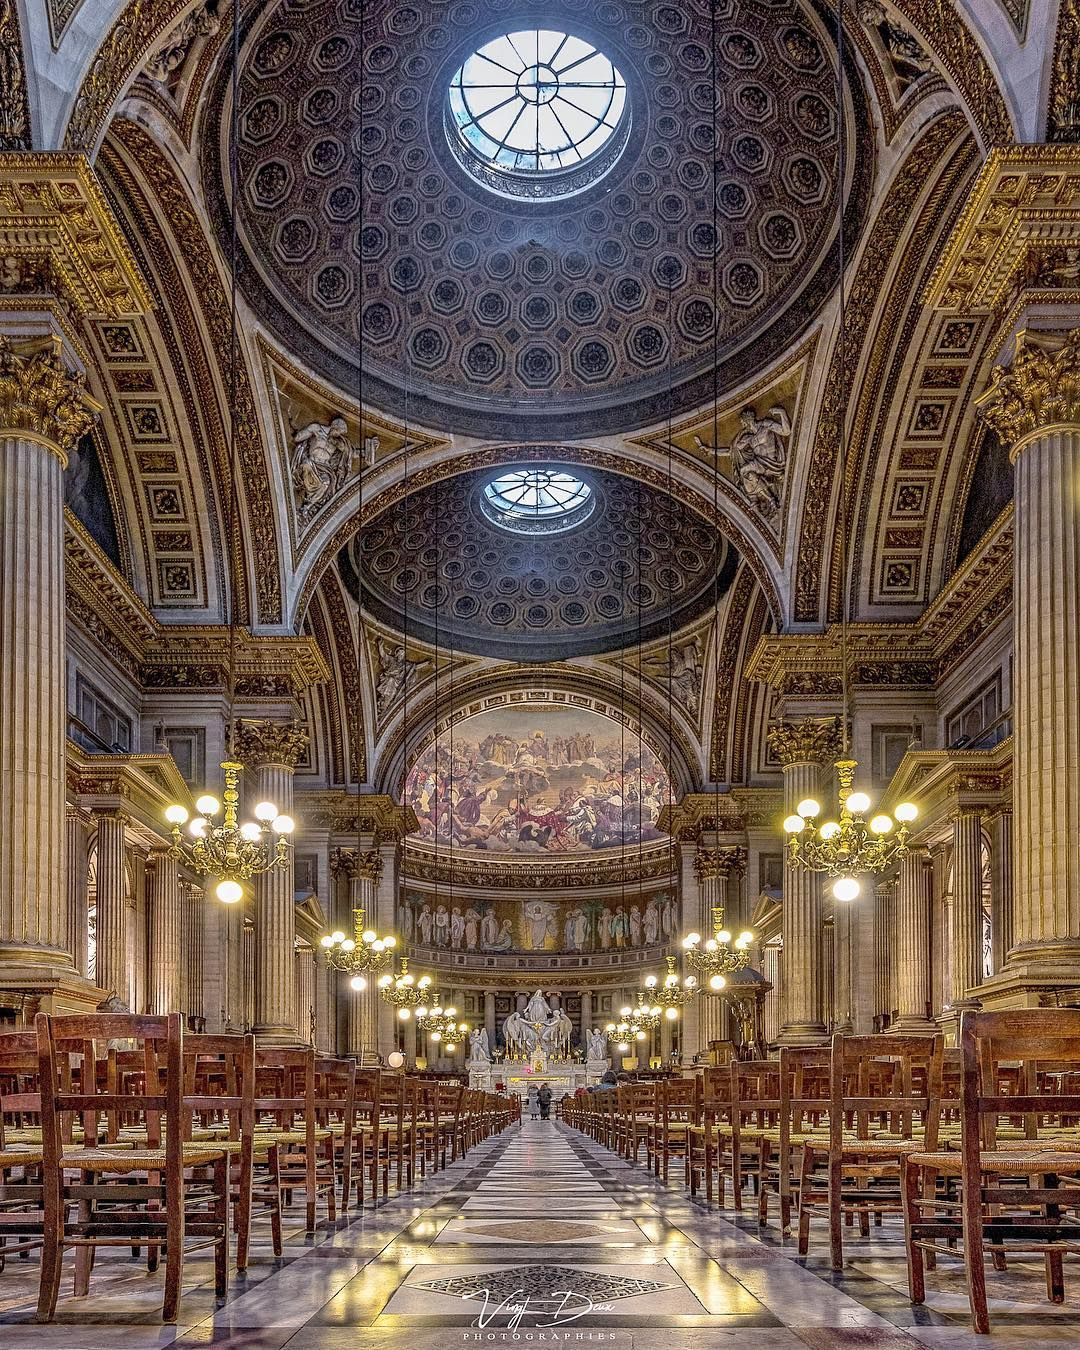 """Vincent Evrat on Instagram: """"Les dorures de La Madeleine. 🧡💛 • #canonphotography #canon80D #canonphotographer #canon #church #parisjetaime #parismaville #igersparis…"""""""